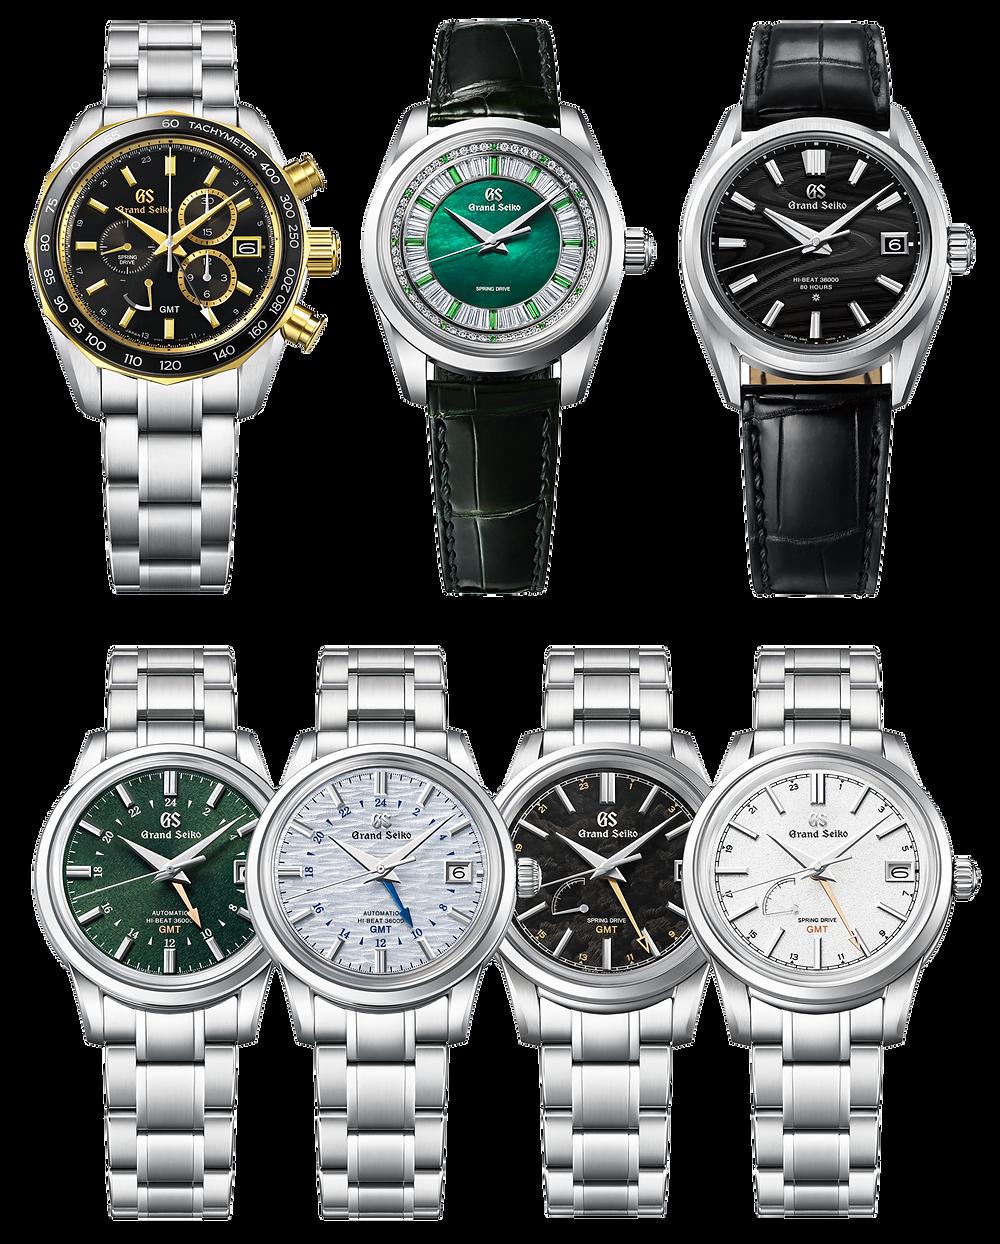 Todos los nuevos relojes Grand Seiko presentados summit 2021